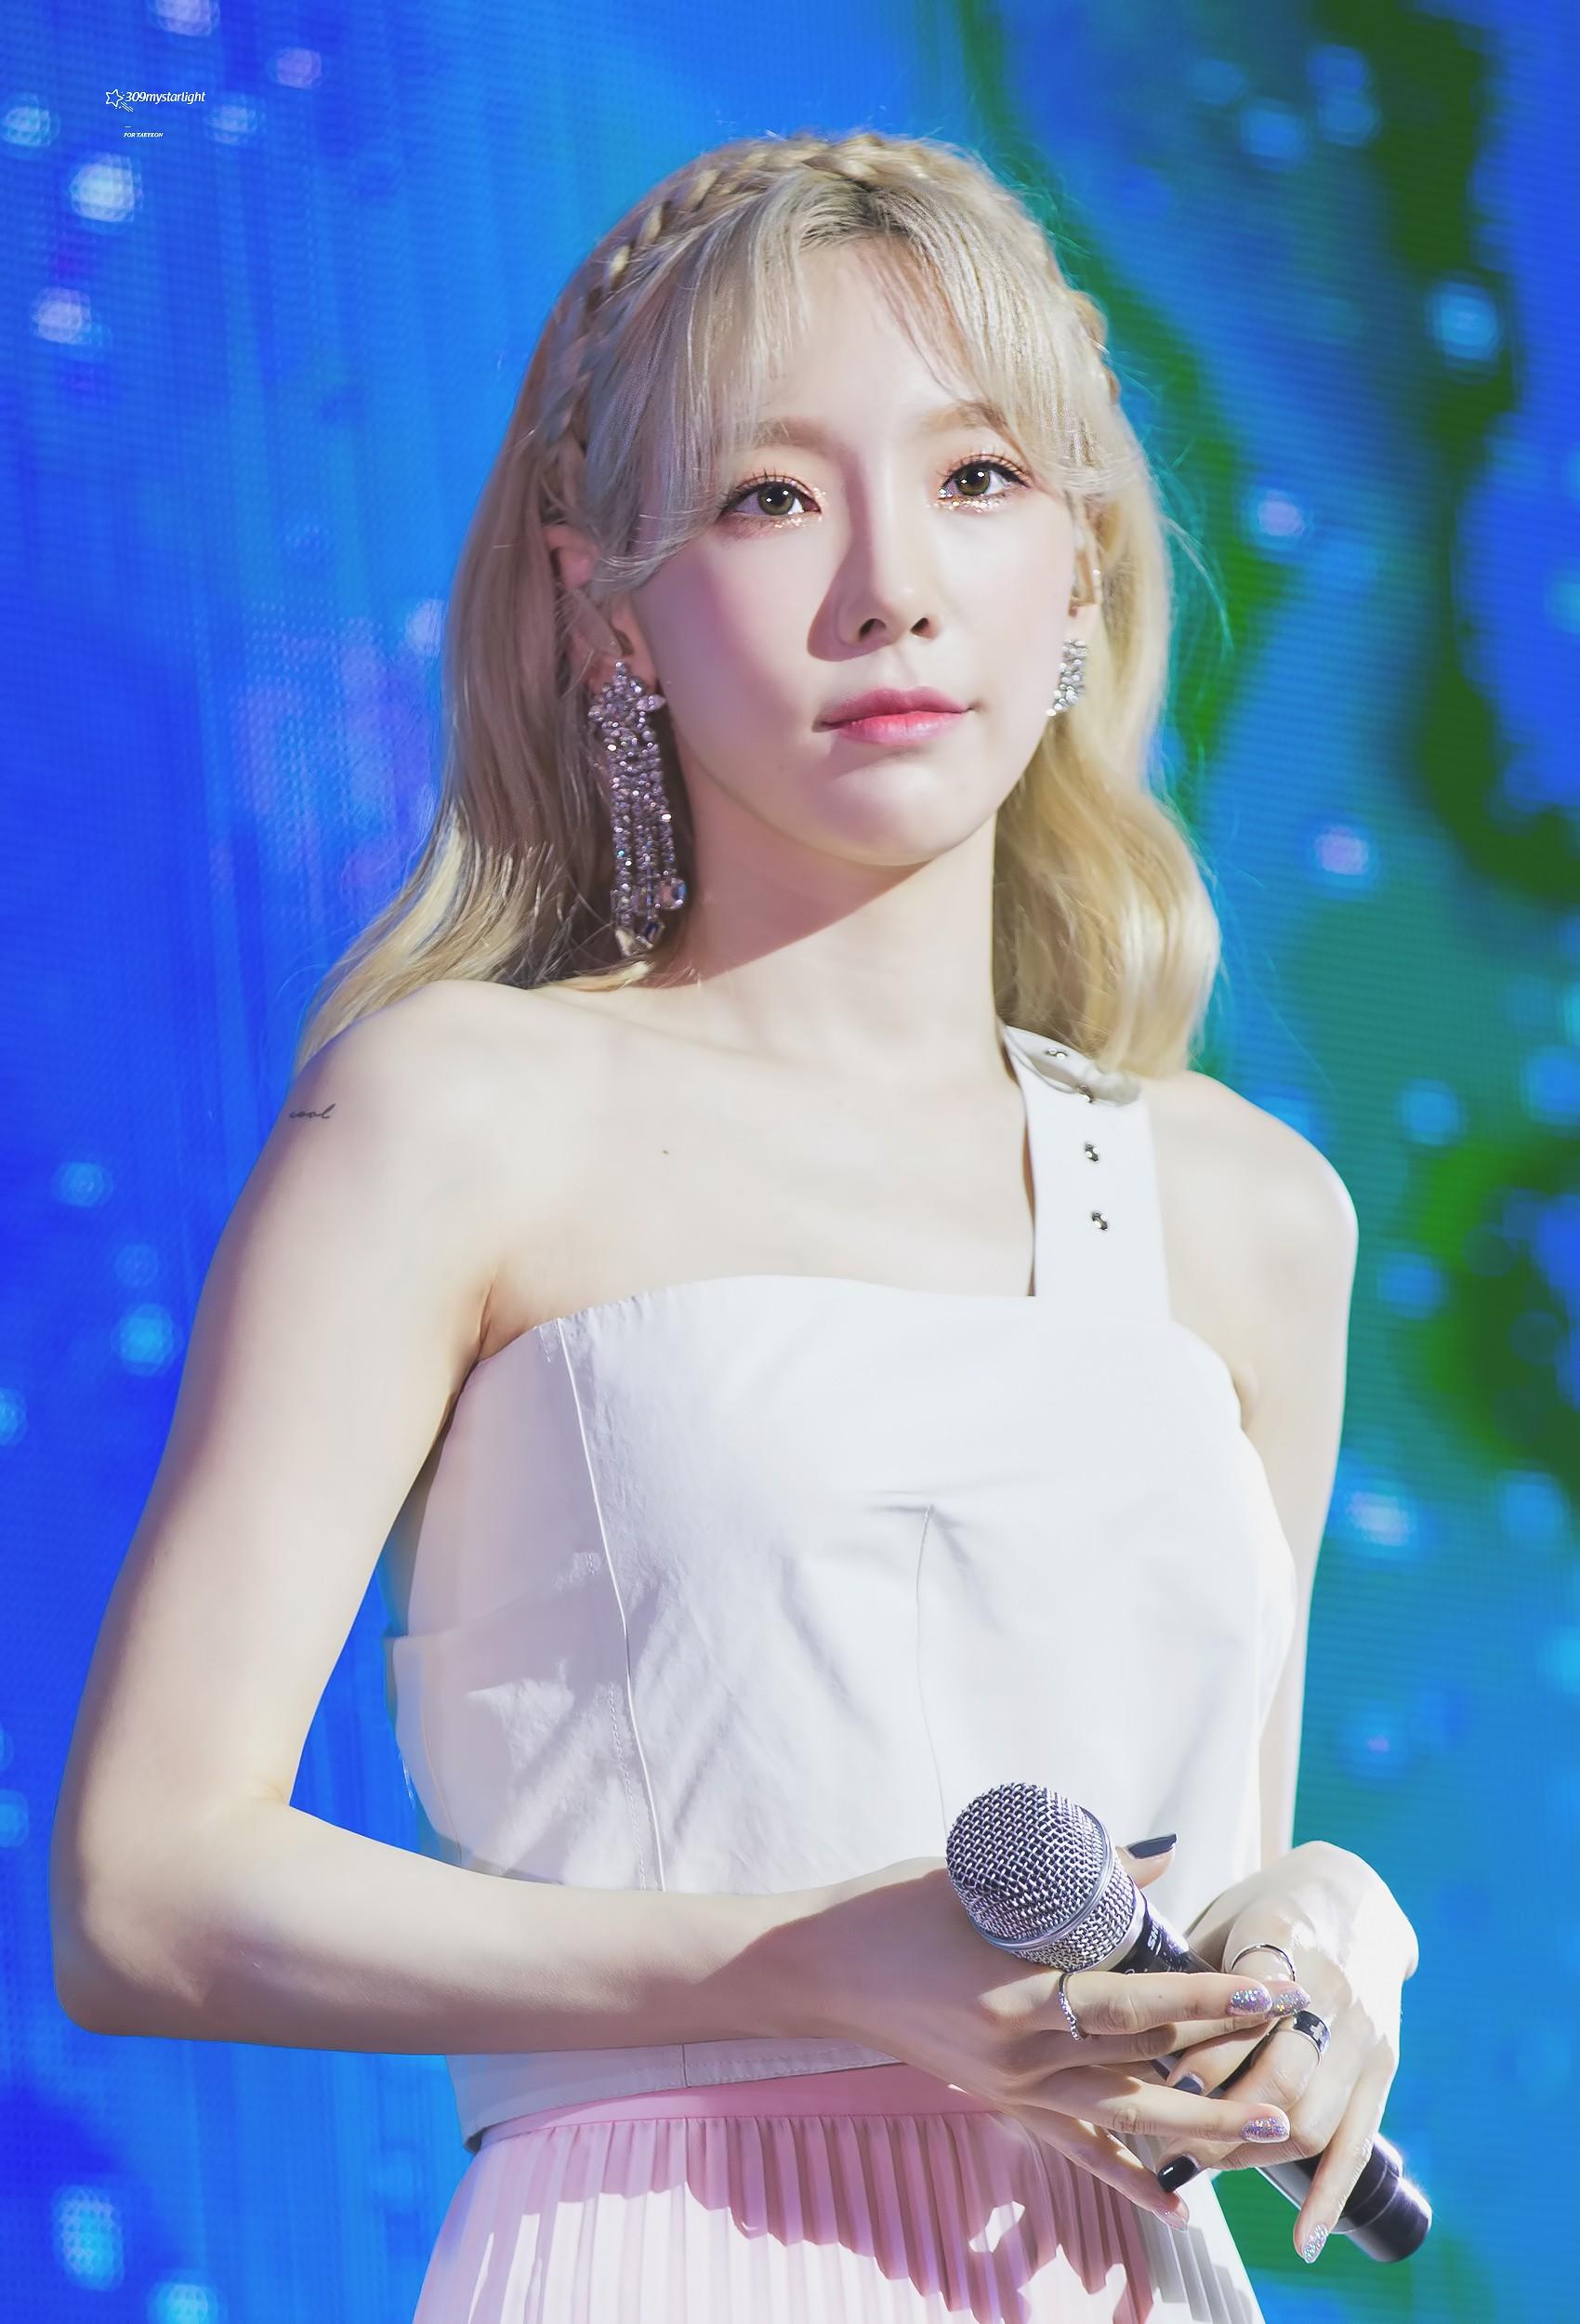 """Theo chân Taeyeon đi shopping mới phát hiện """"chị đại Kpop toàn mê đắm mỹ phẩm bình dân giá chỉ trăm ngàn - Ảnh 1."""